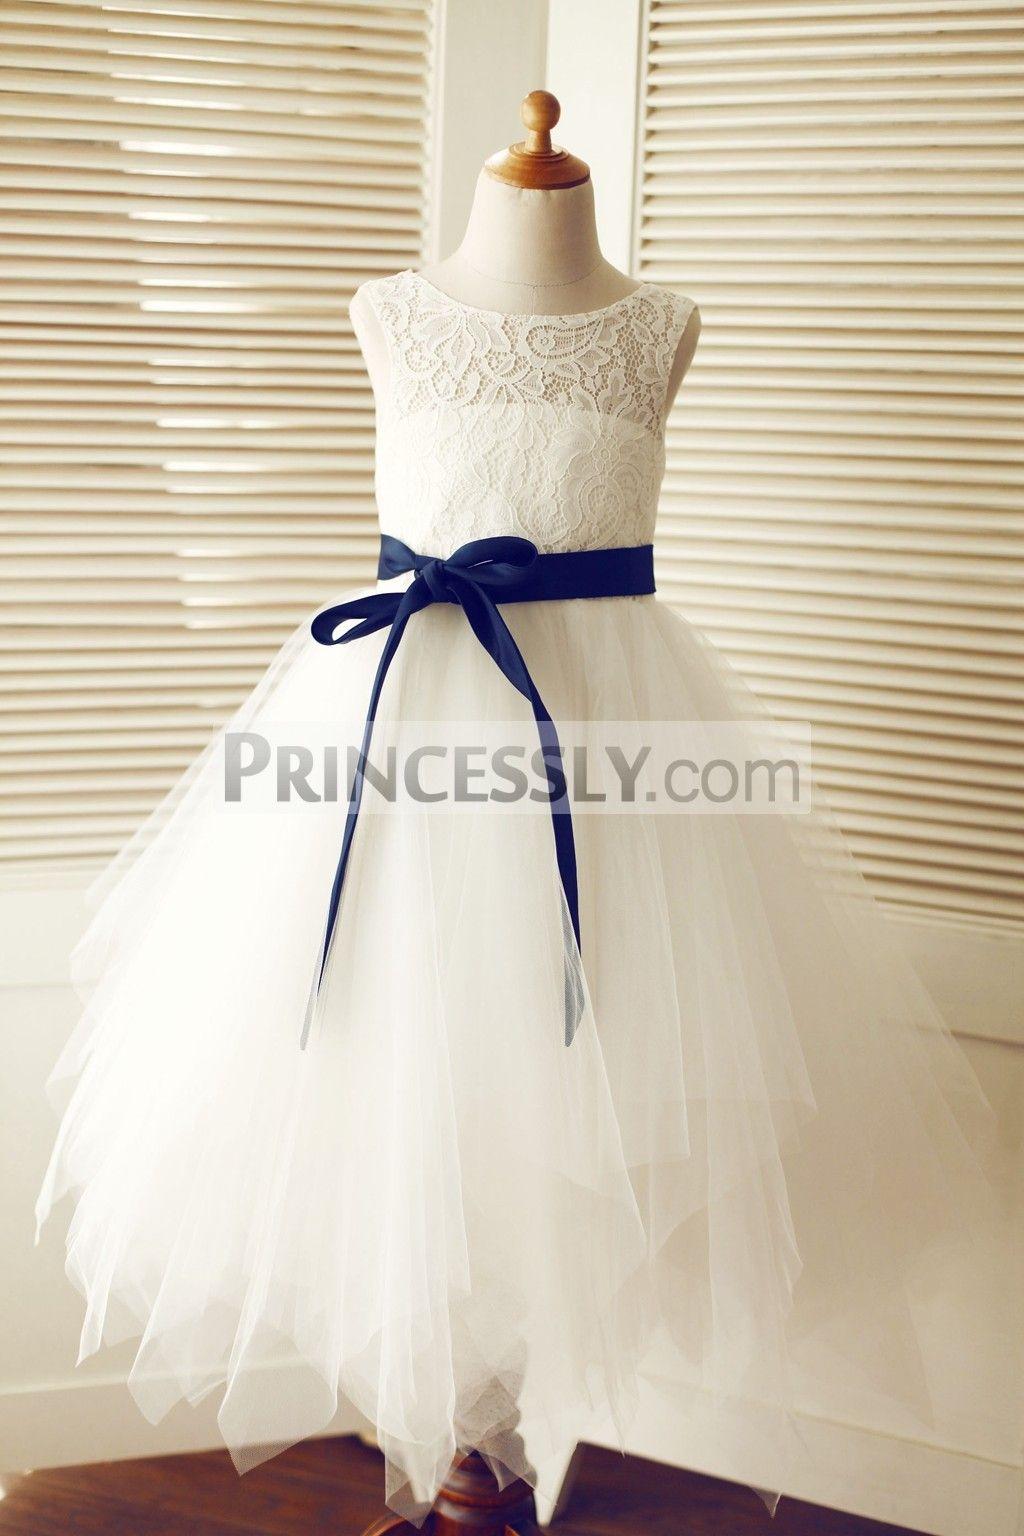 Keyhole ivory lace tulle wedding flower girl dressnavy blue sash keyhole ivory lace tulle wedding flower girl dressnavy blue sash izmirmasajfo Gallery